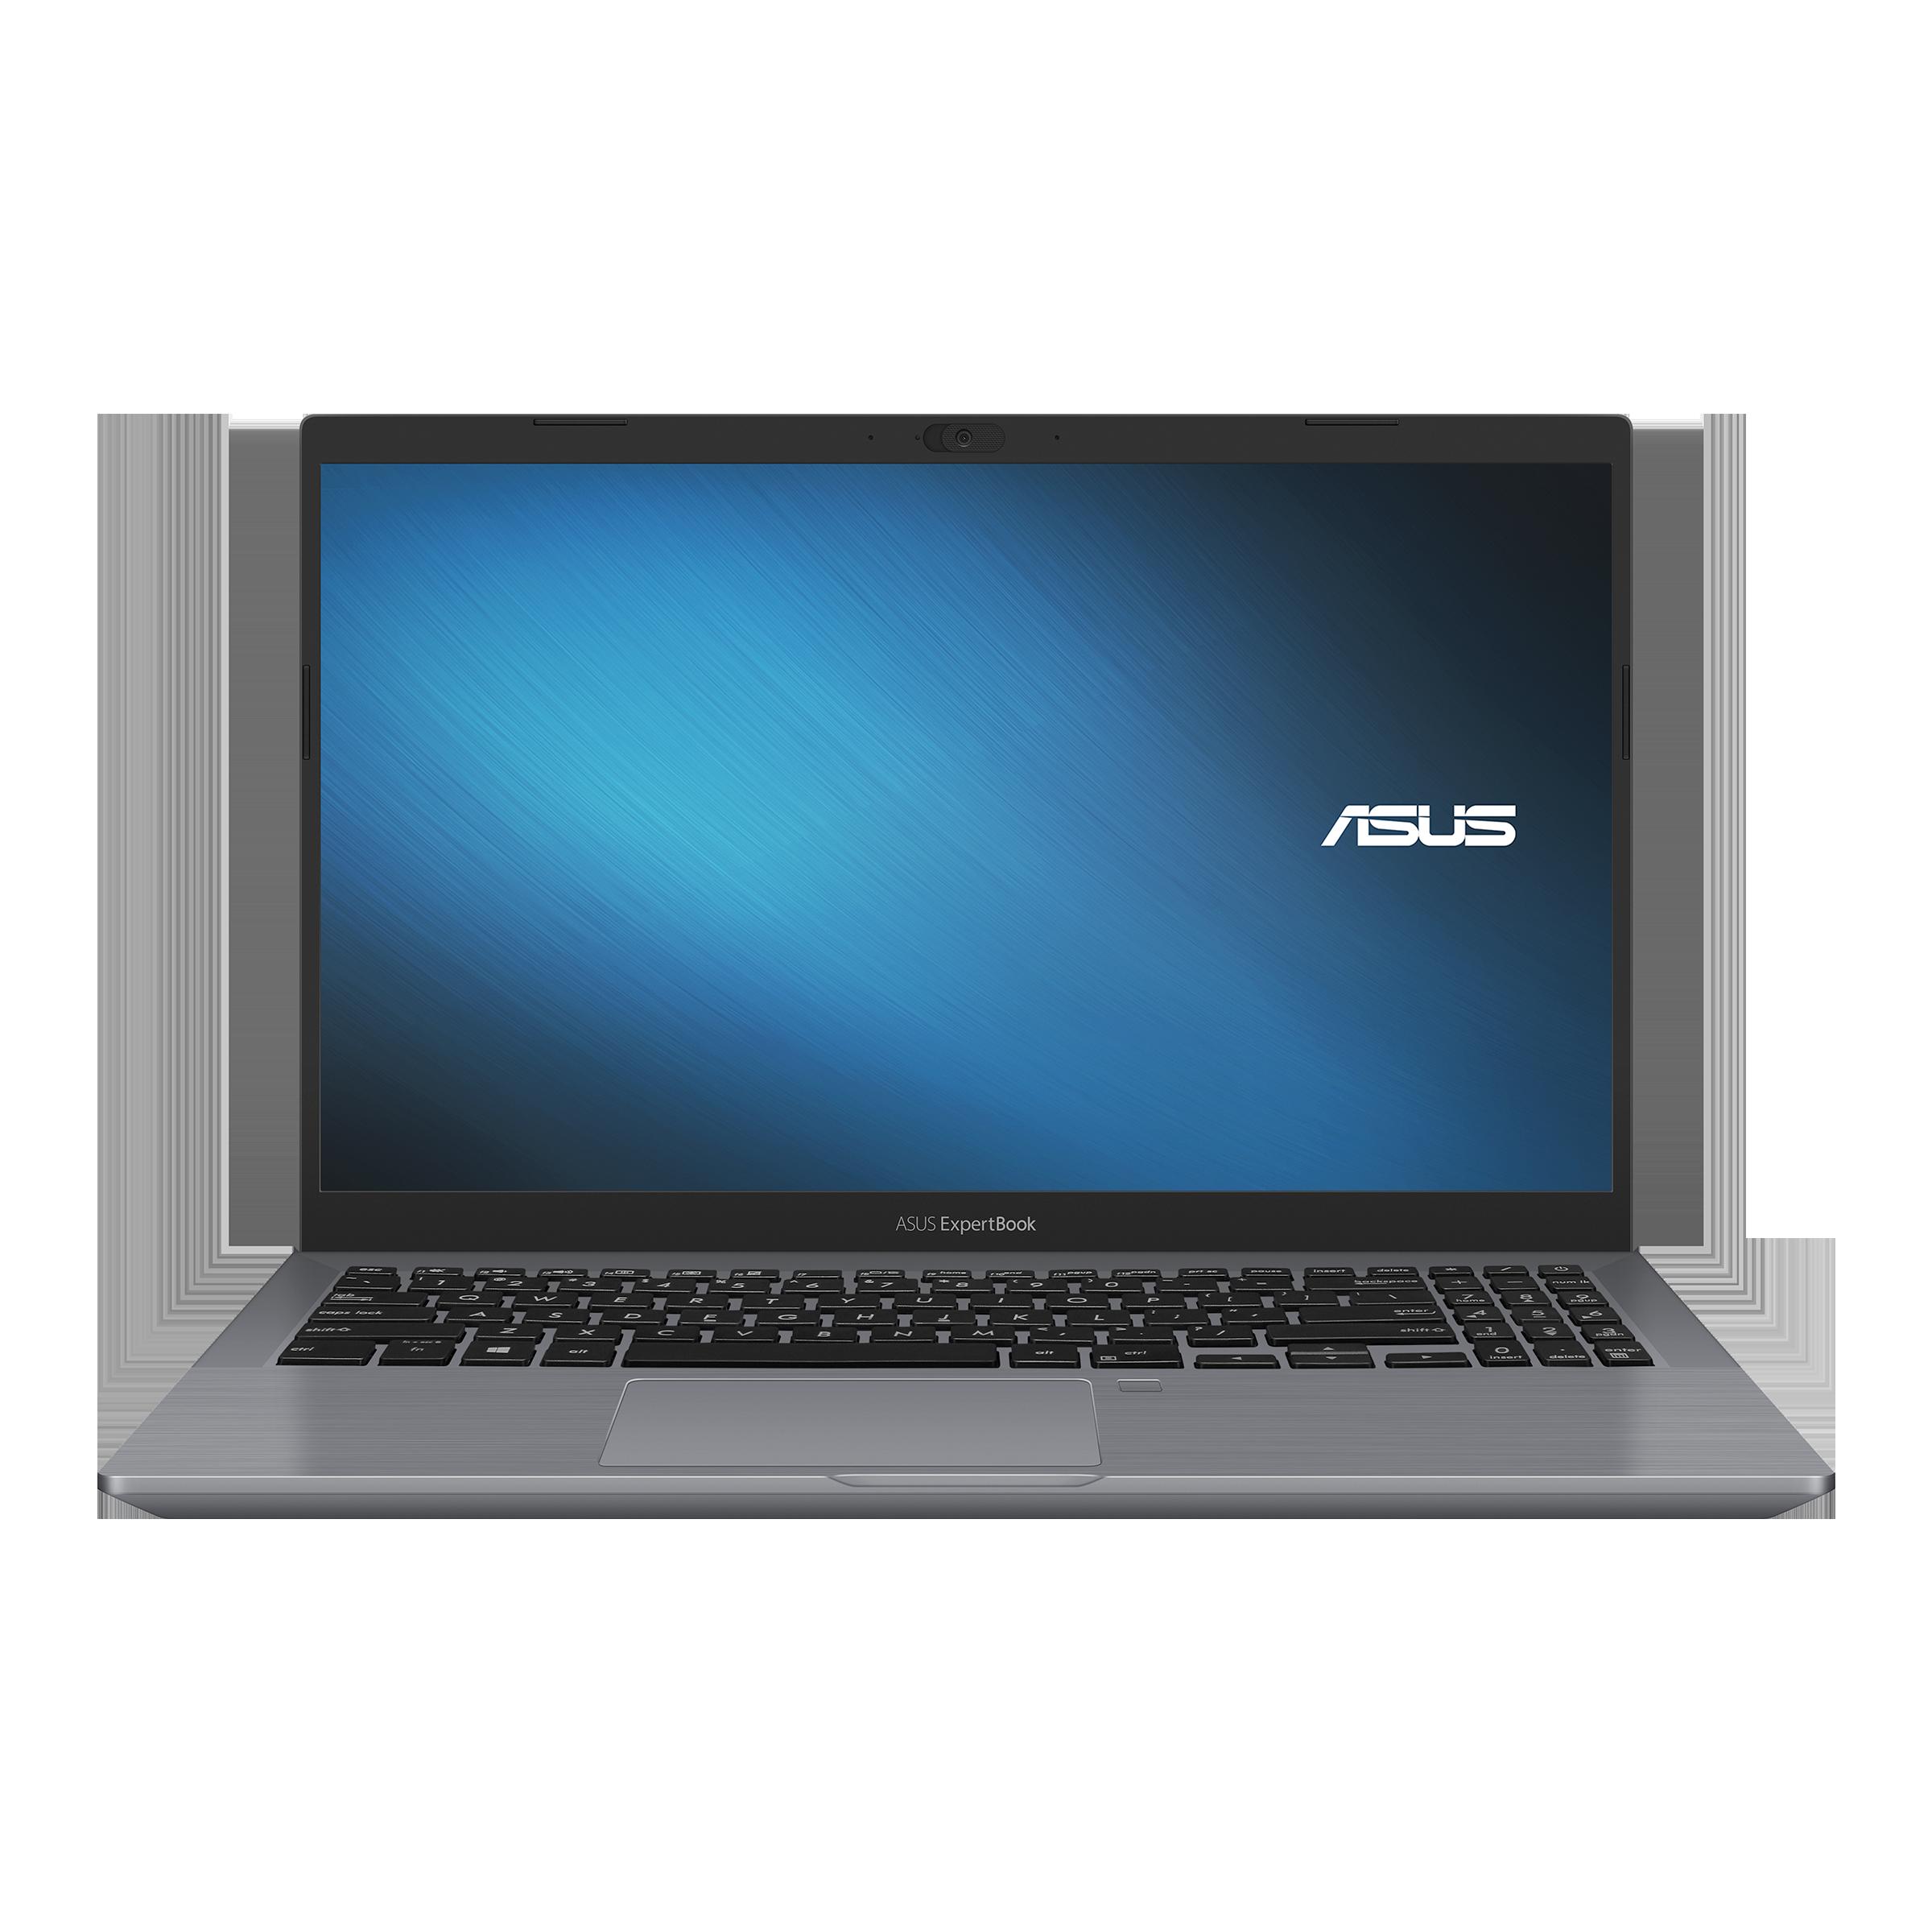 ASUS ExpertBook P3 P3540